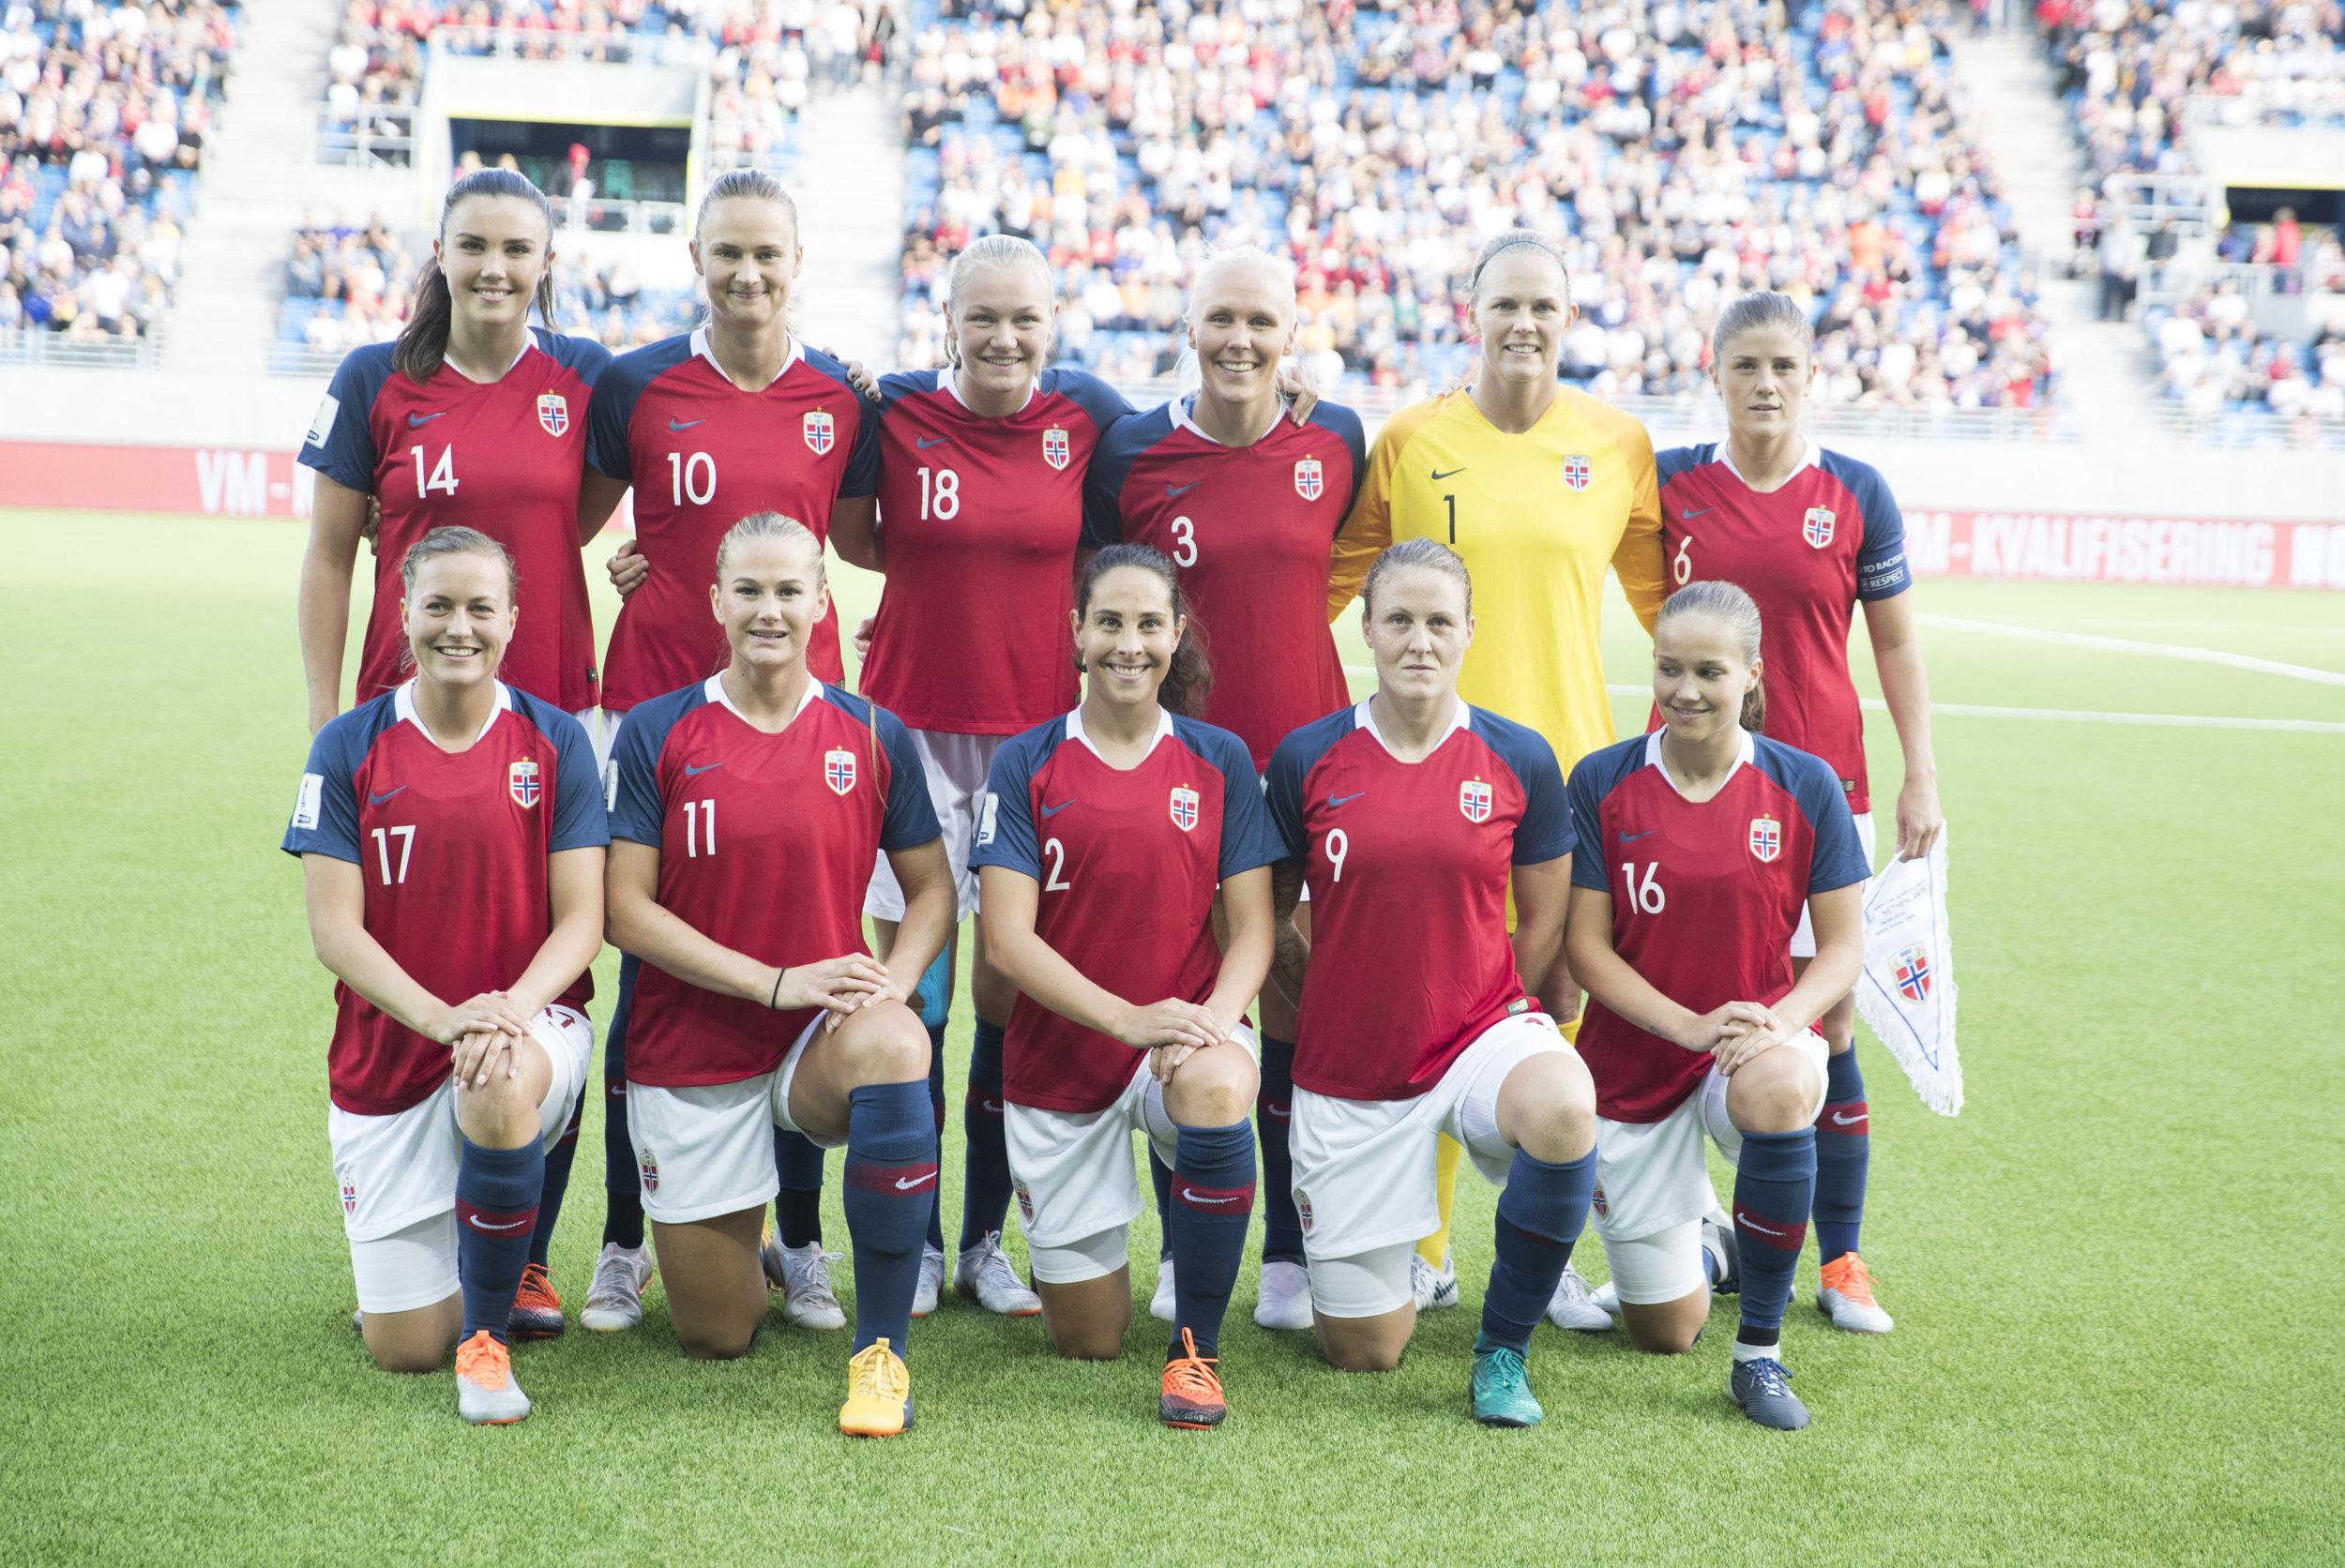 Dette laget kvalifiserte Norge til fotball-VM da de slo Nederland i fjor høst. FOTO: Terje Pedersen/NTB scanpix